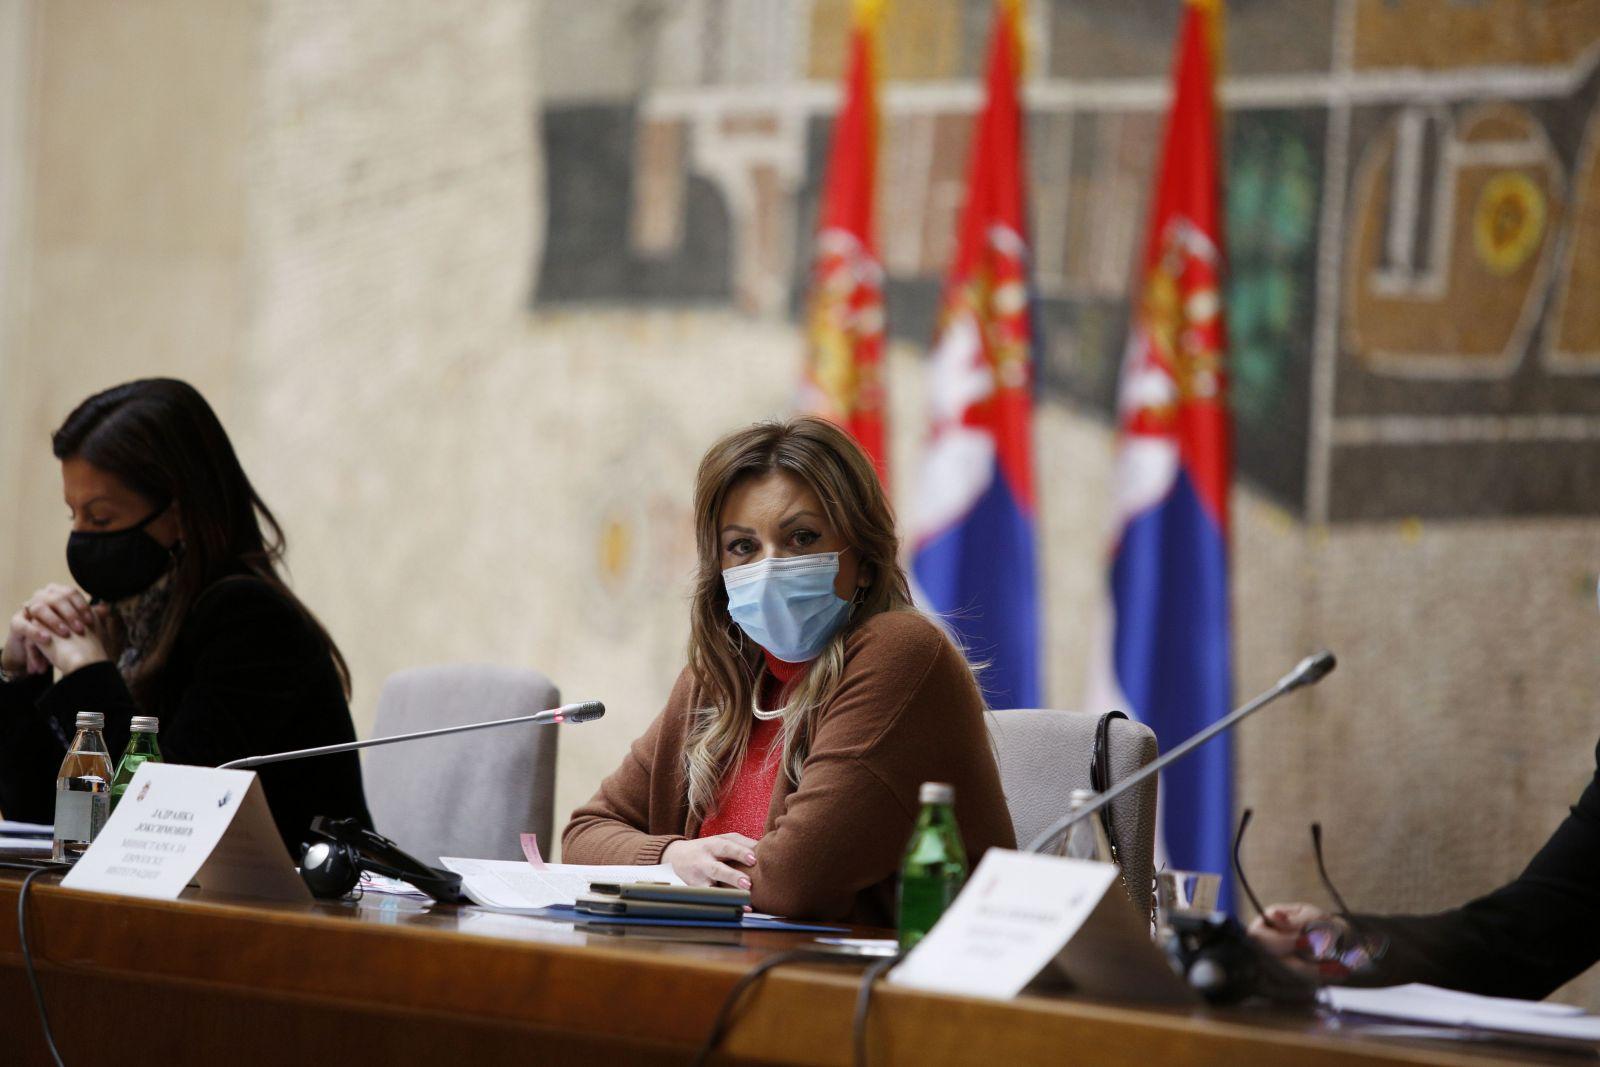 Ј. Јоксимовић: Отворити суштинска питања родне равноправности